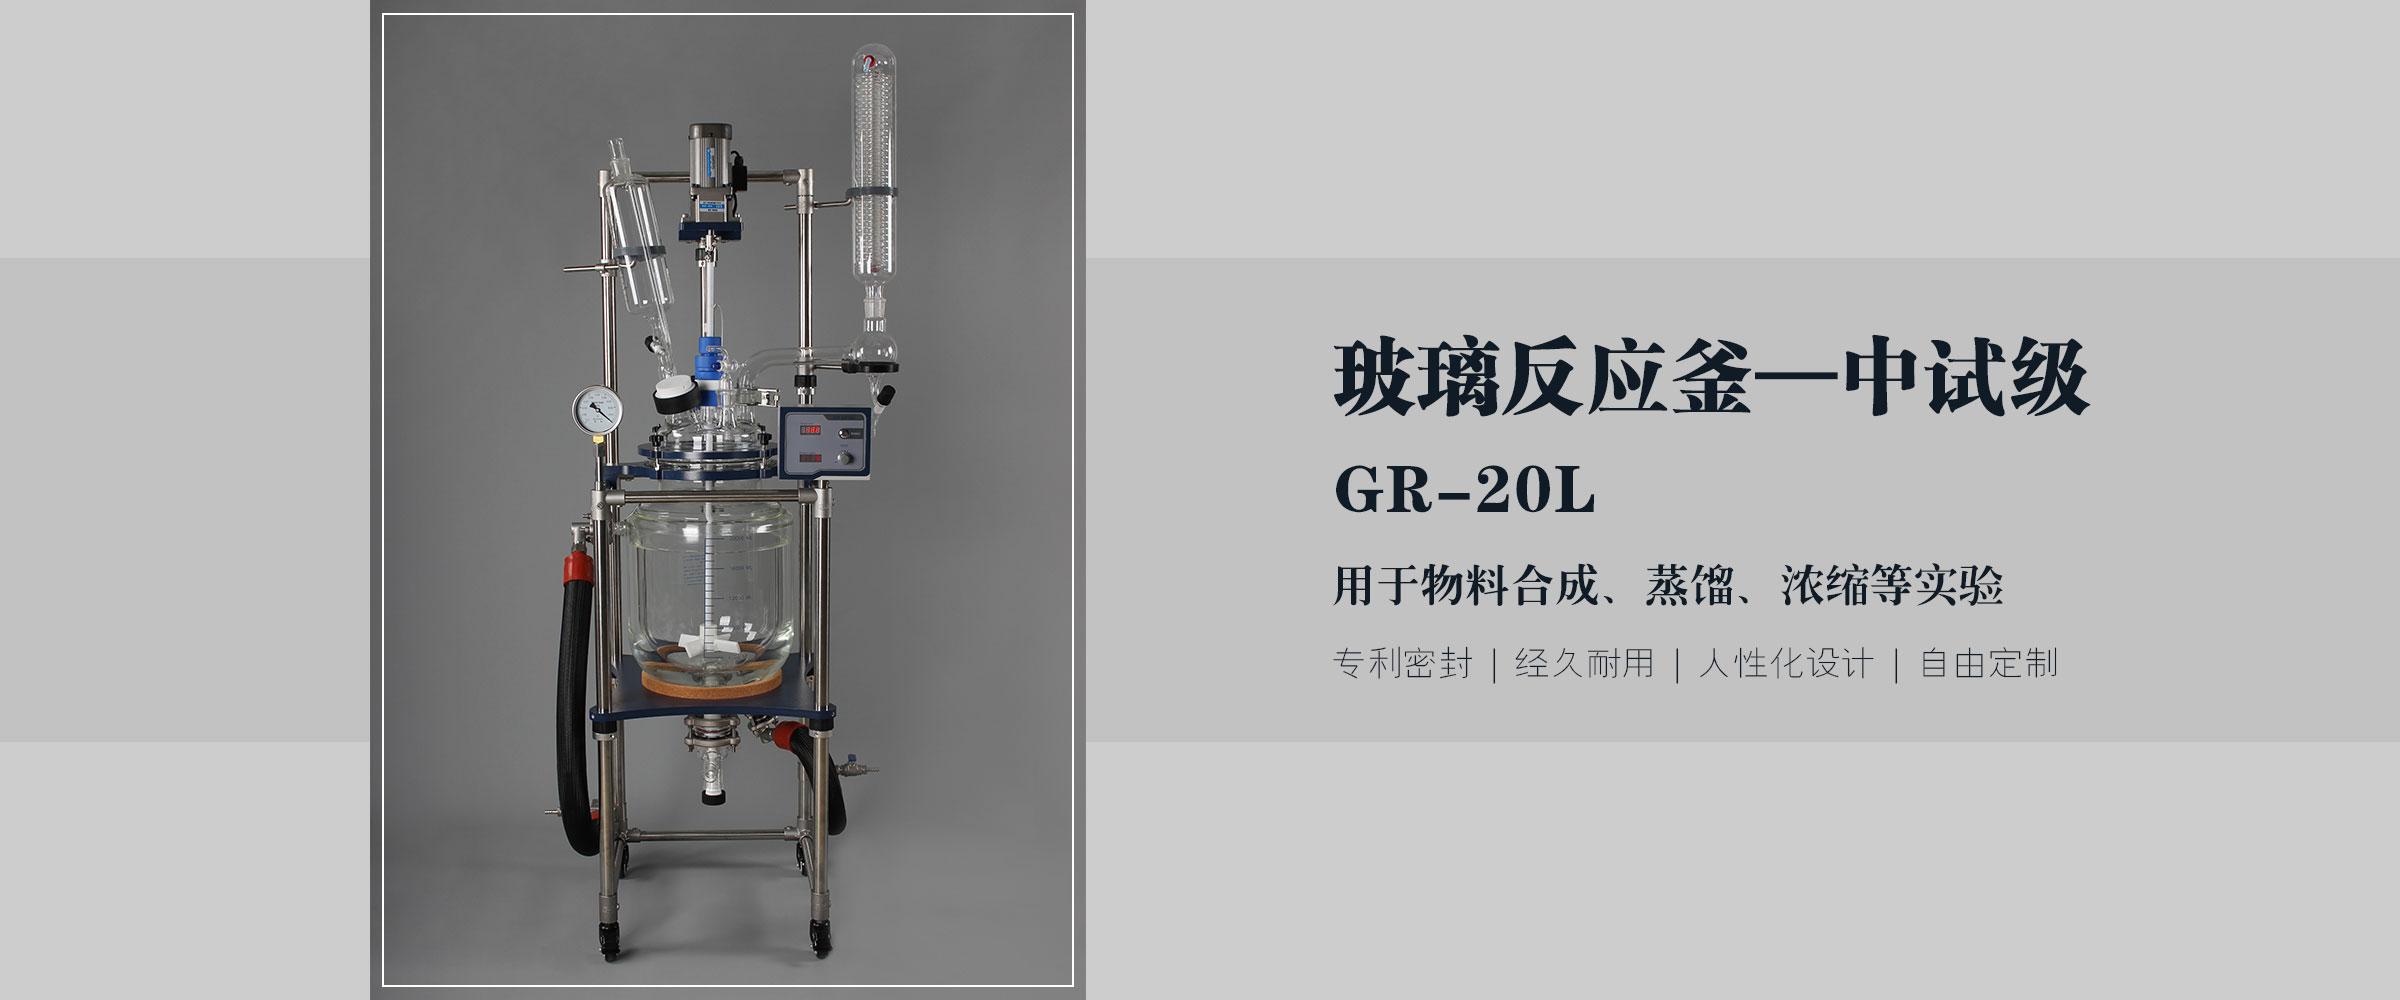 调速玻璃反应釜 (1)